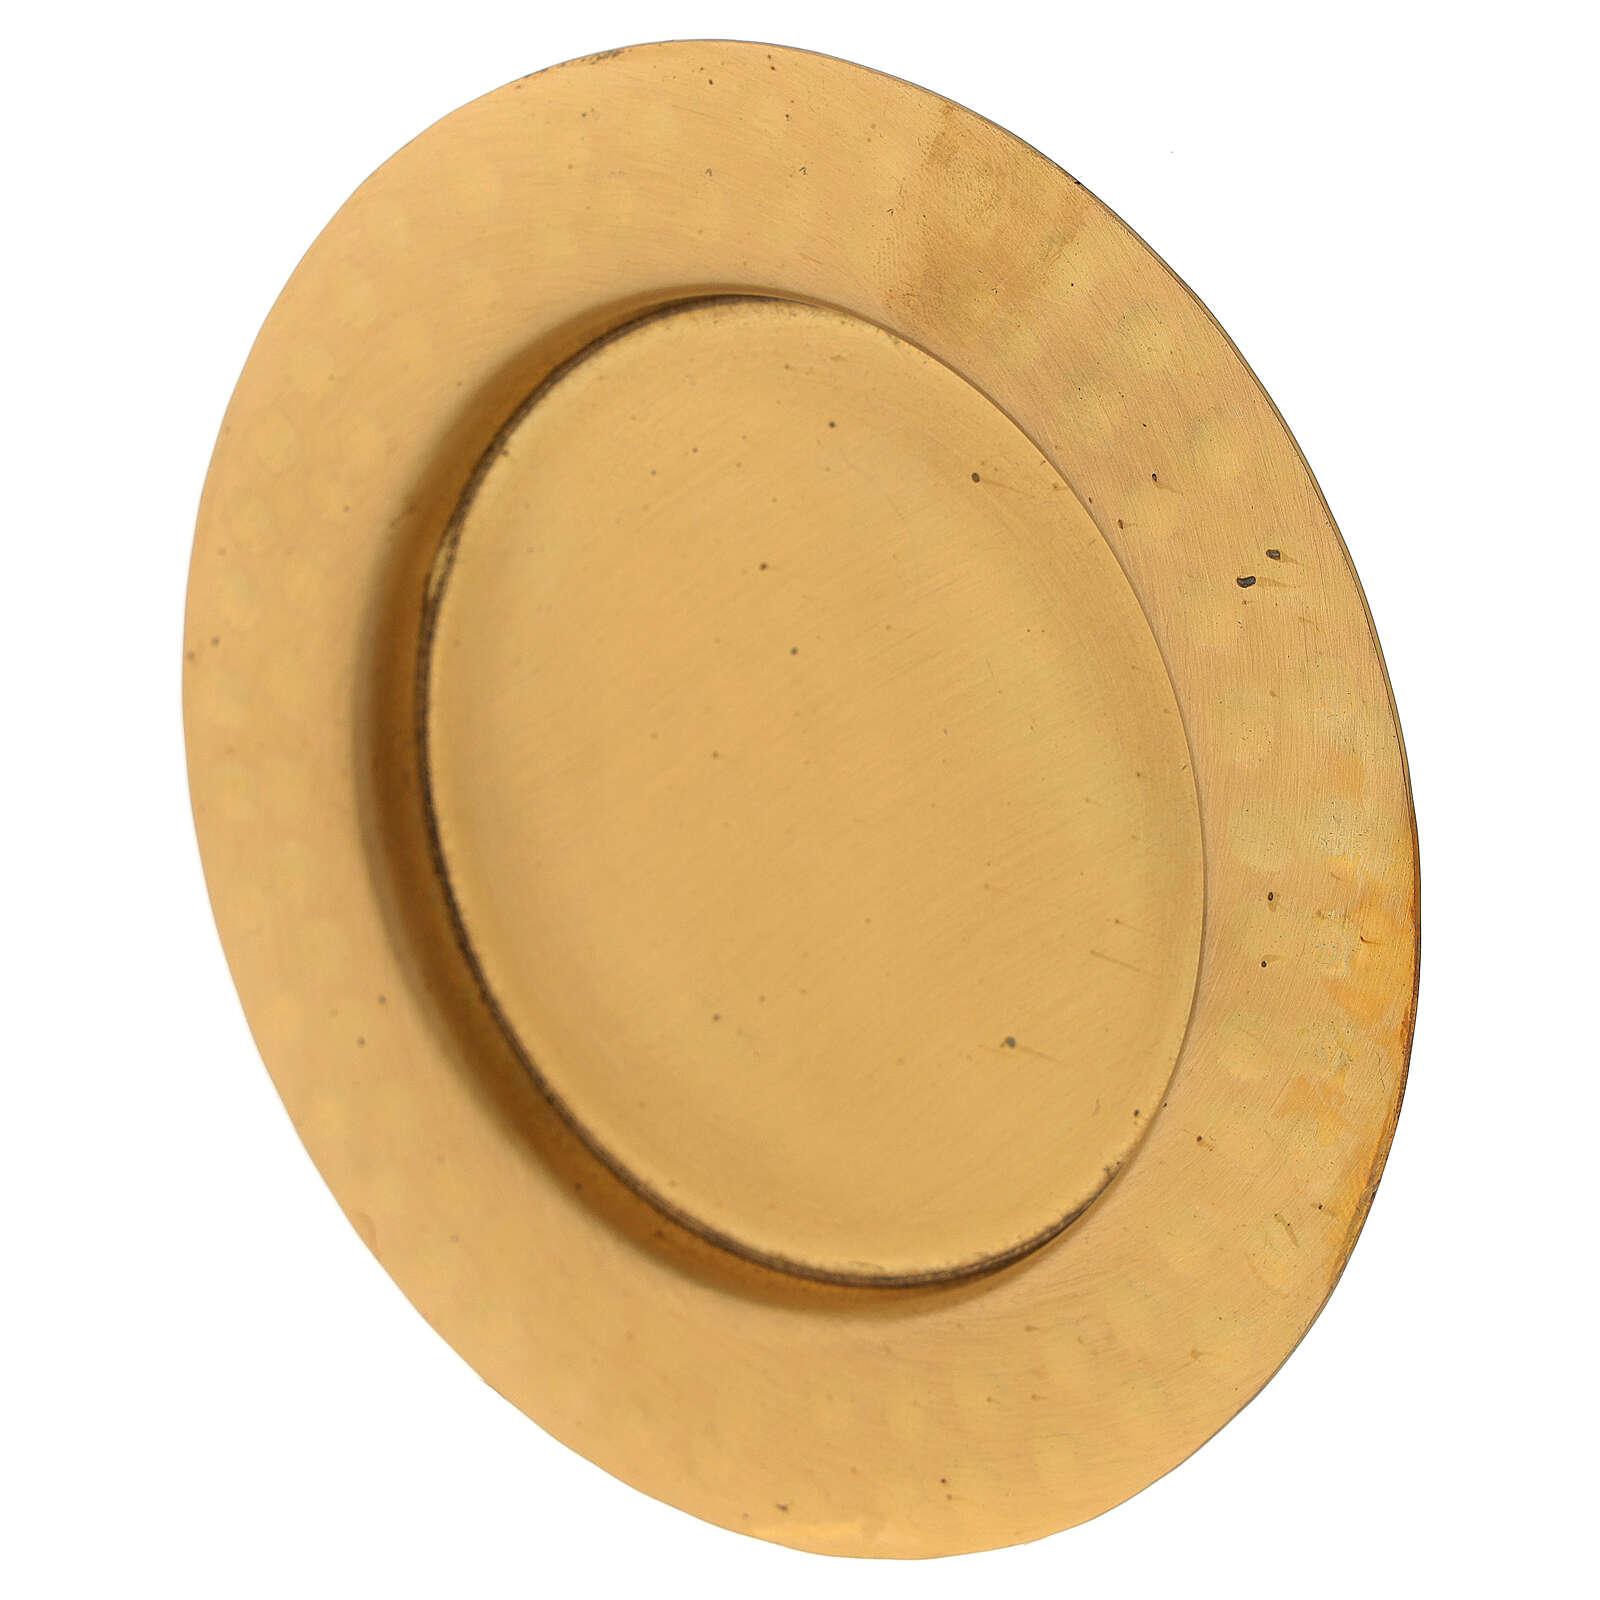 Piattino ottone satinato dorato 10 cm 3